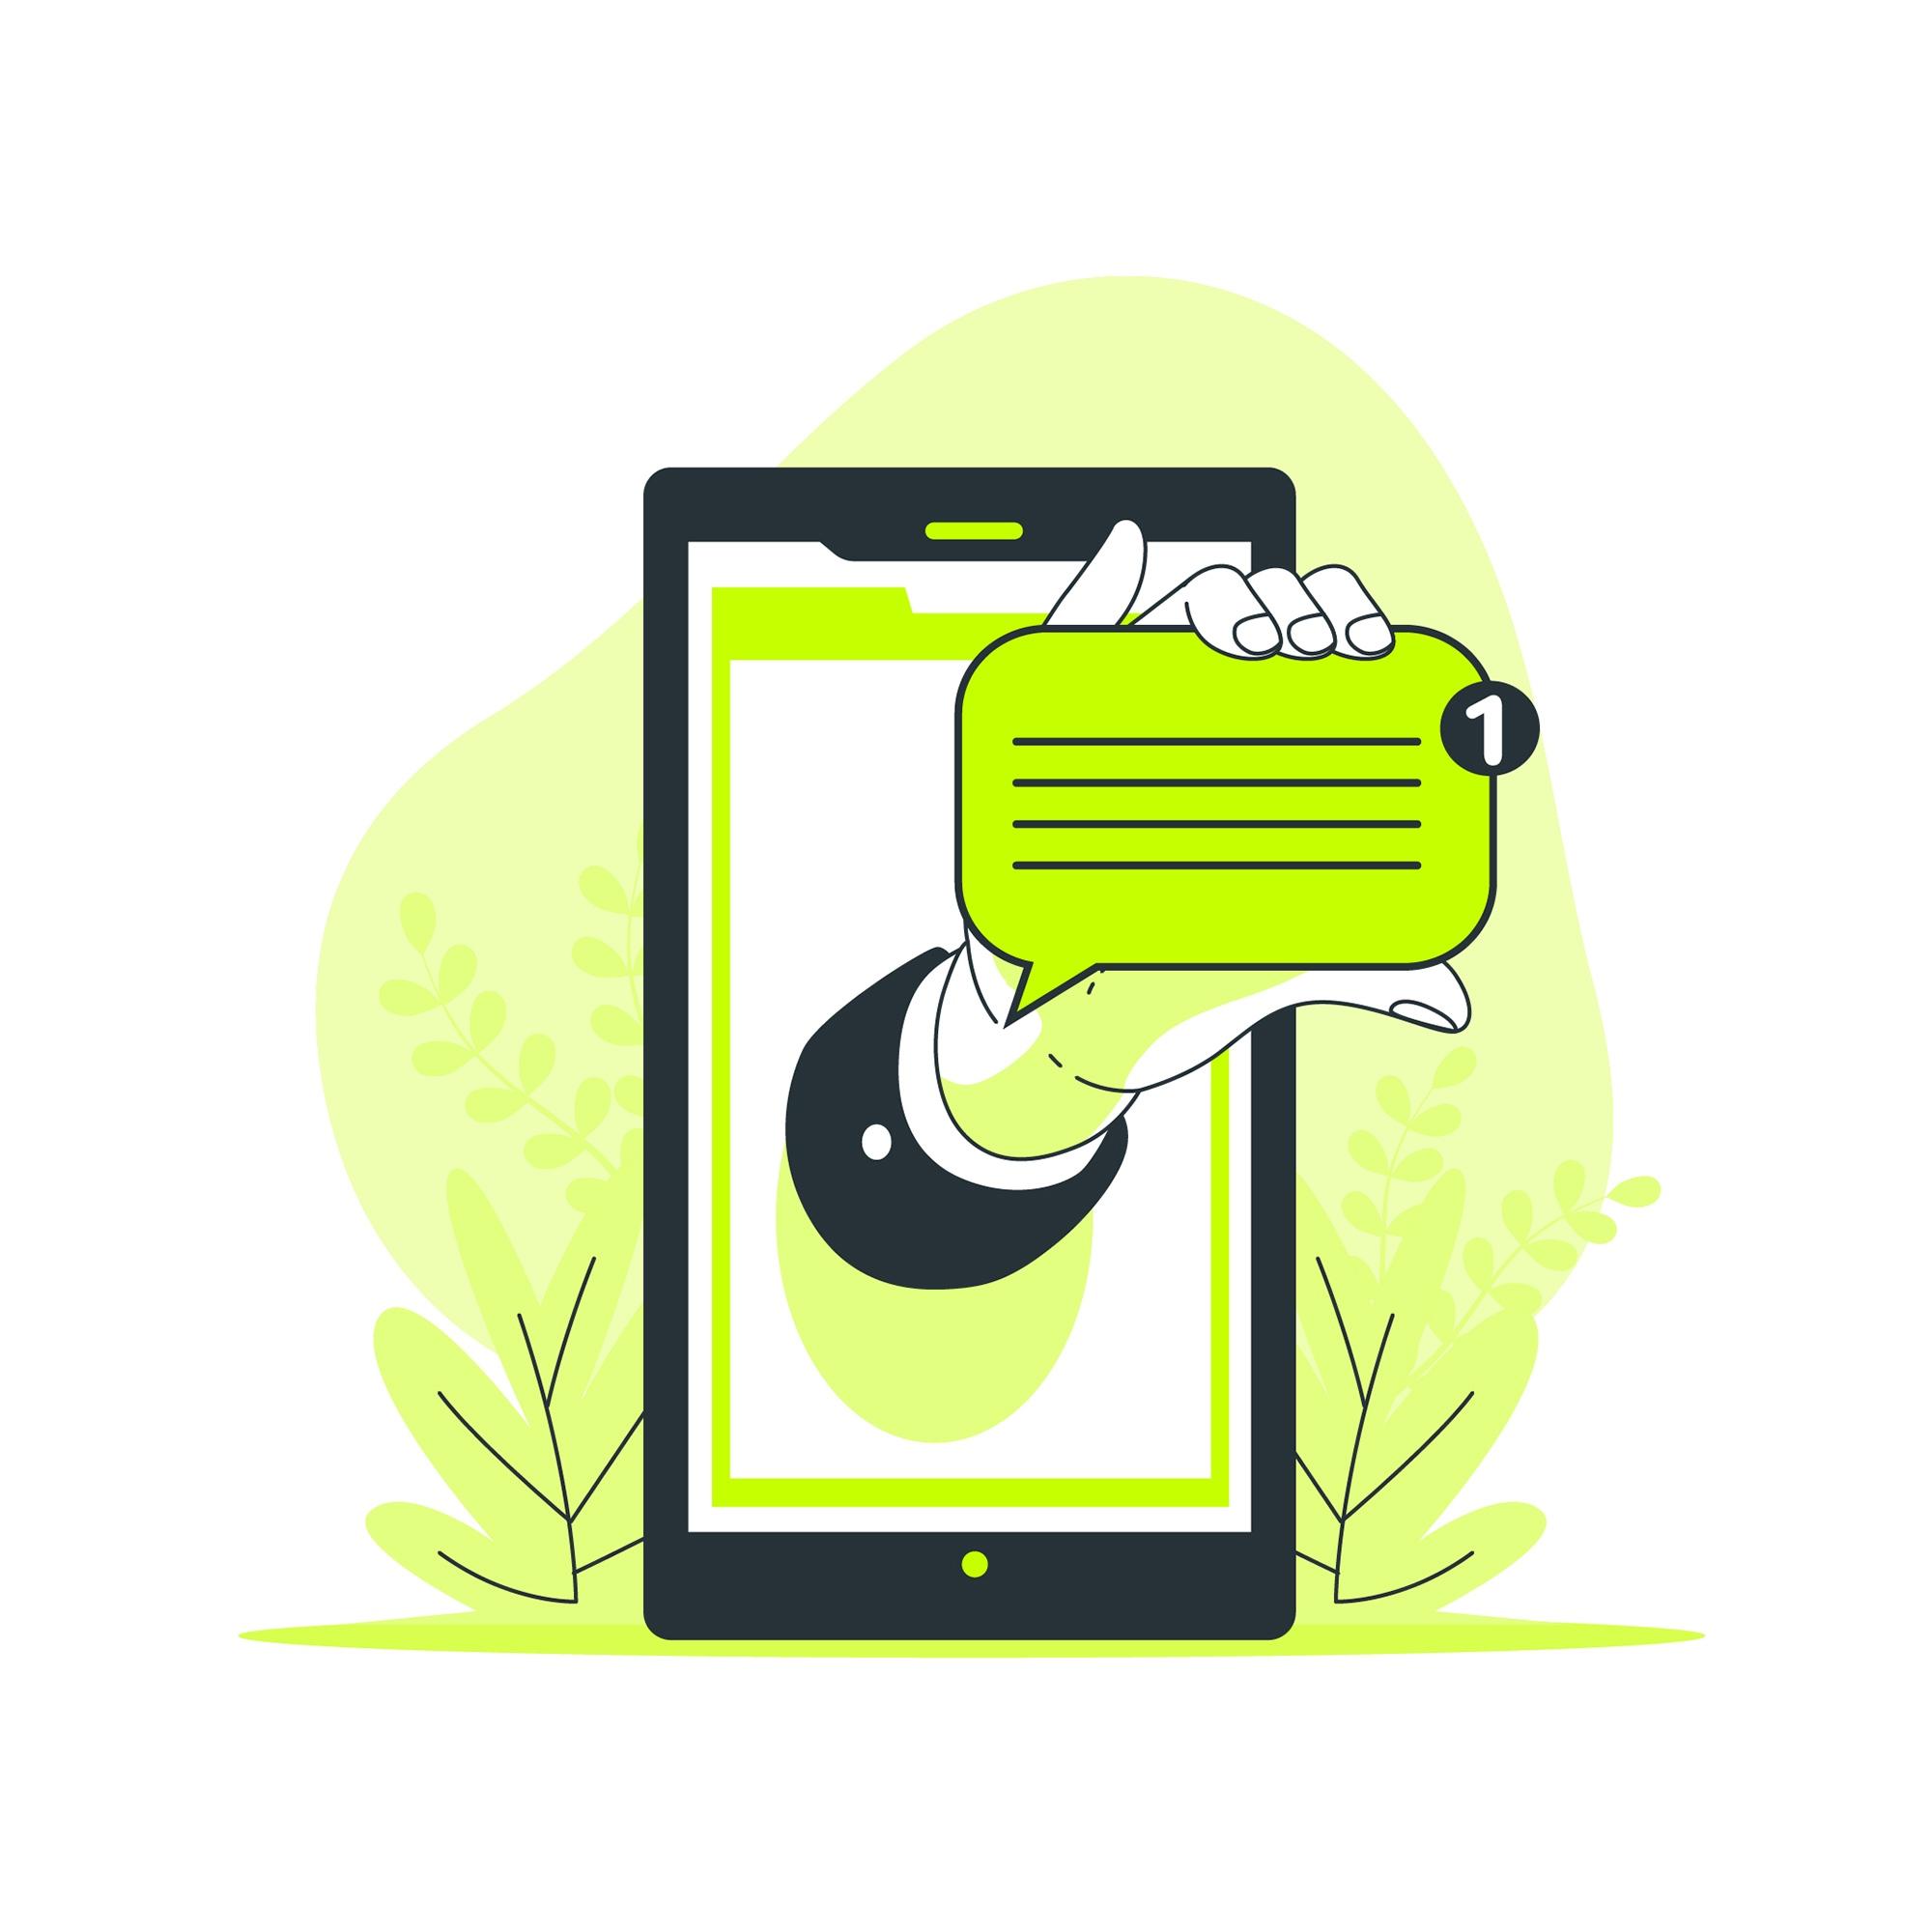 تعریف خط اختصاصی و نحوه ی خرید آن در سامانه نیماد پیامک